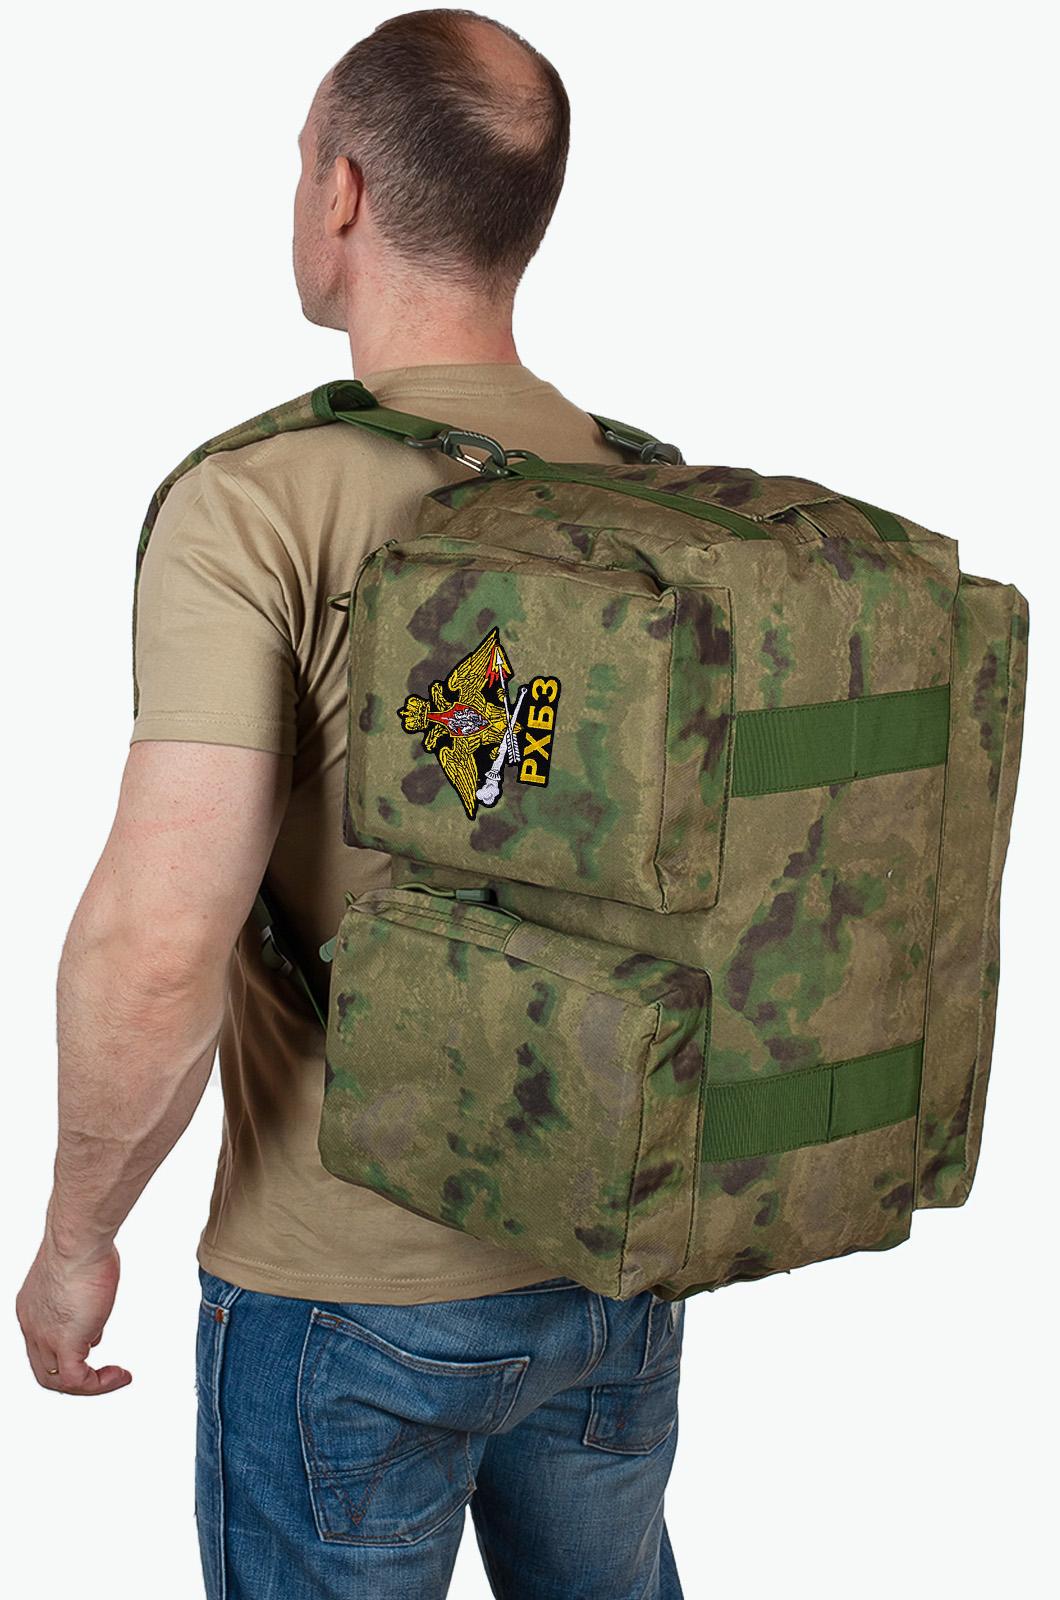 Дорожная камуфляжная сумка с символикой РХБЗ купить в розницу